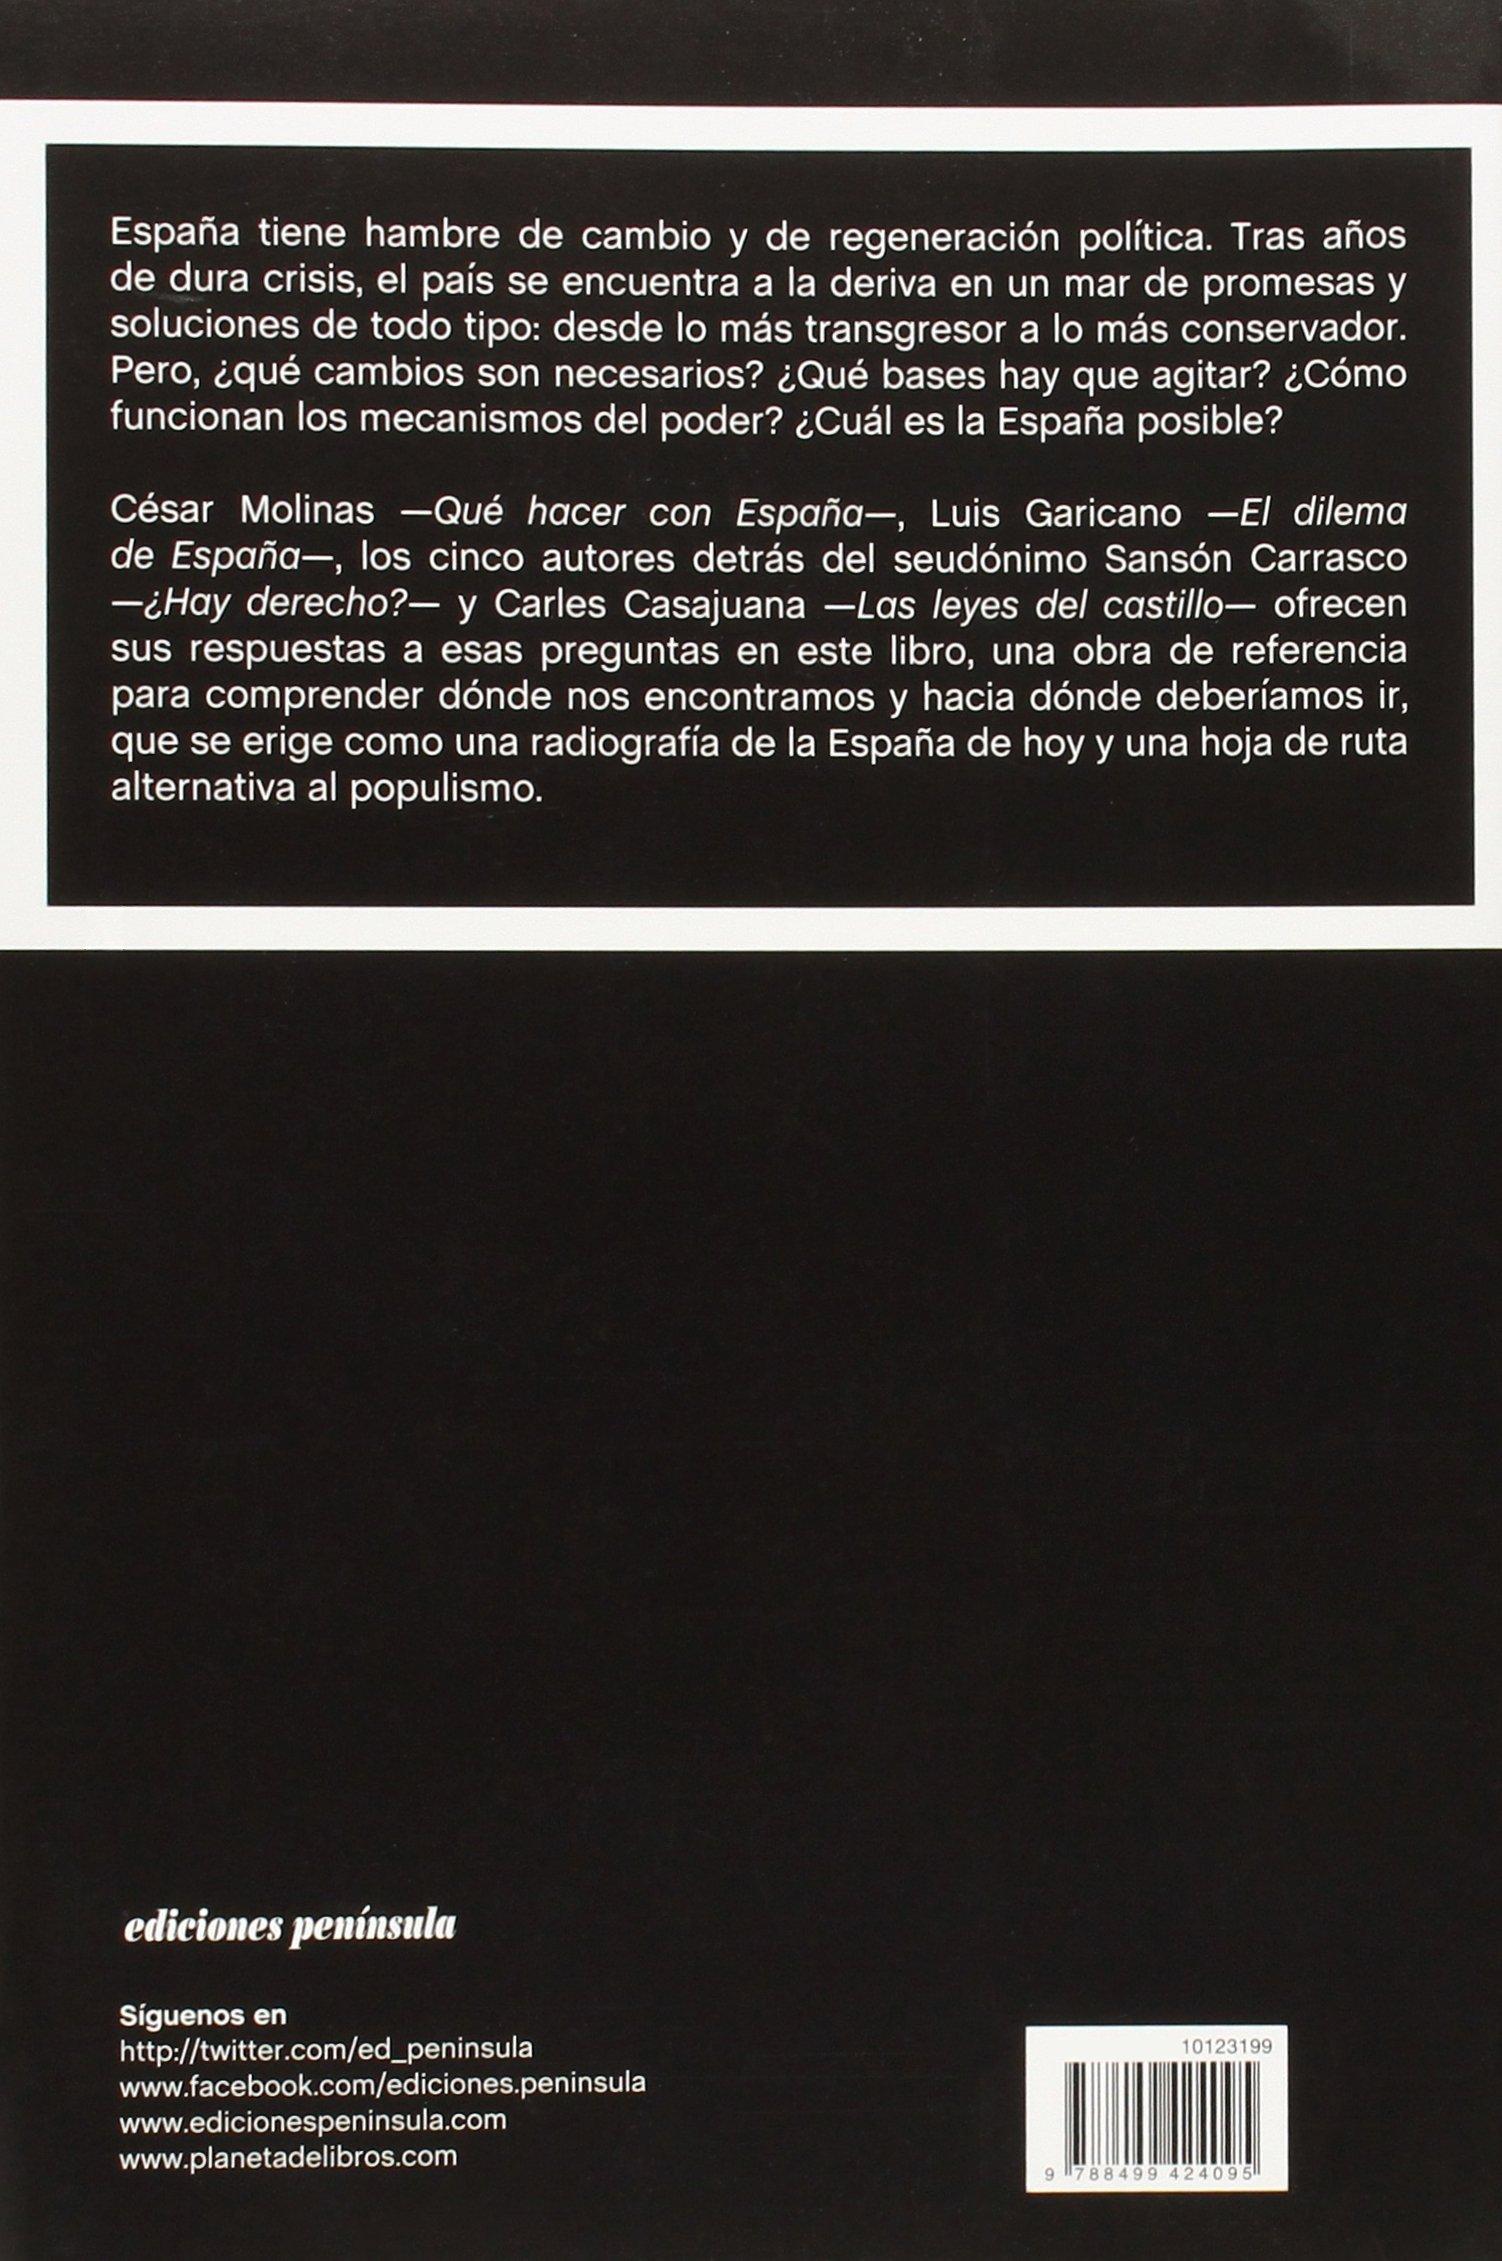 La España posible: Tres ensayos para un nuevo regeneracionismo y una reflexión sobre el poder ATALAYA: Amazon.es: Molinas Sans, César, Garicano, Luis, Carrasco, Sansón, Casajuana, Carles: Libros